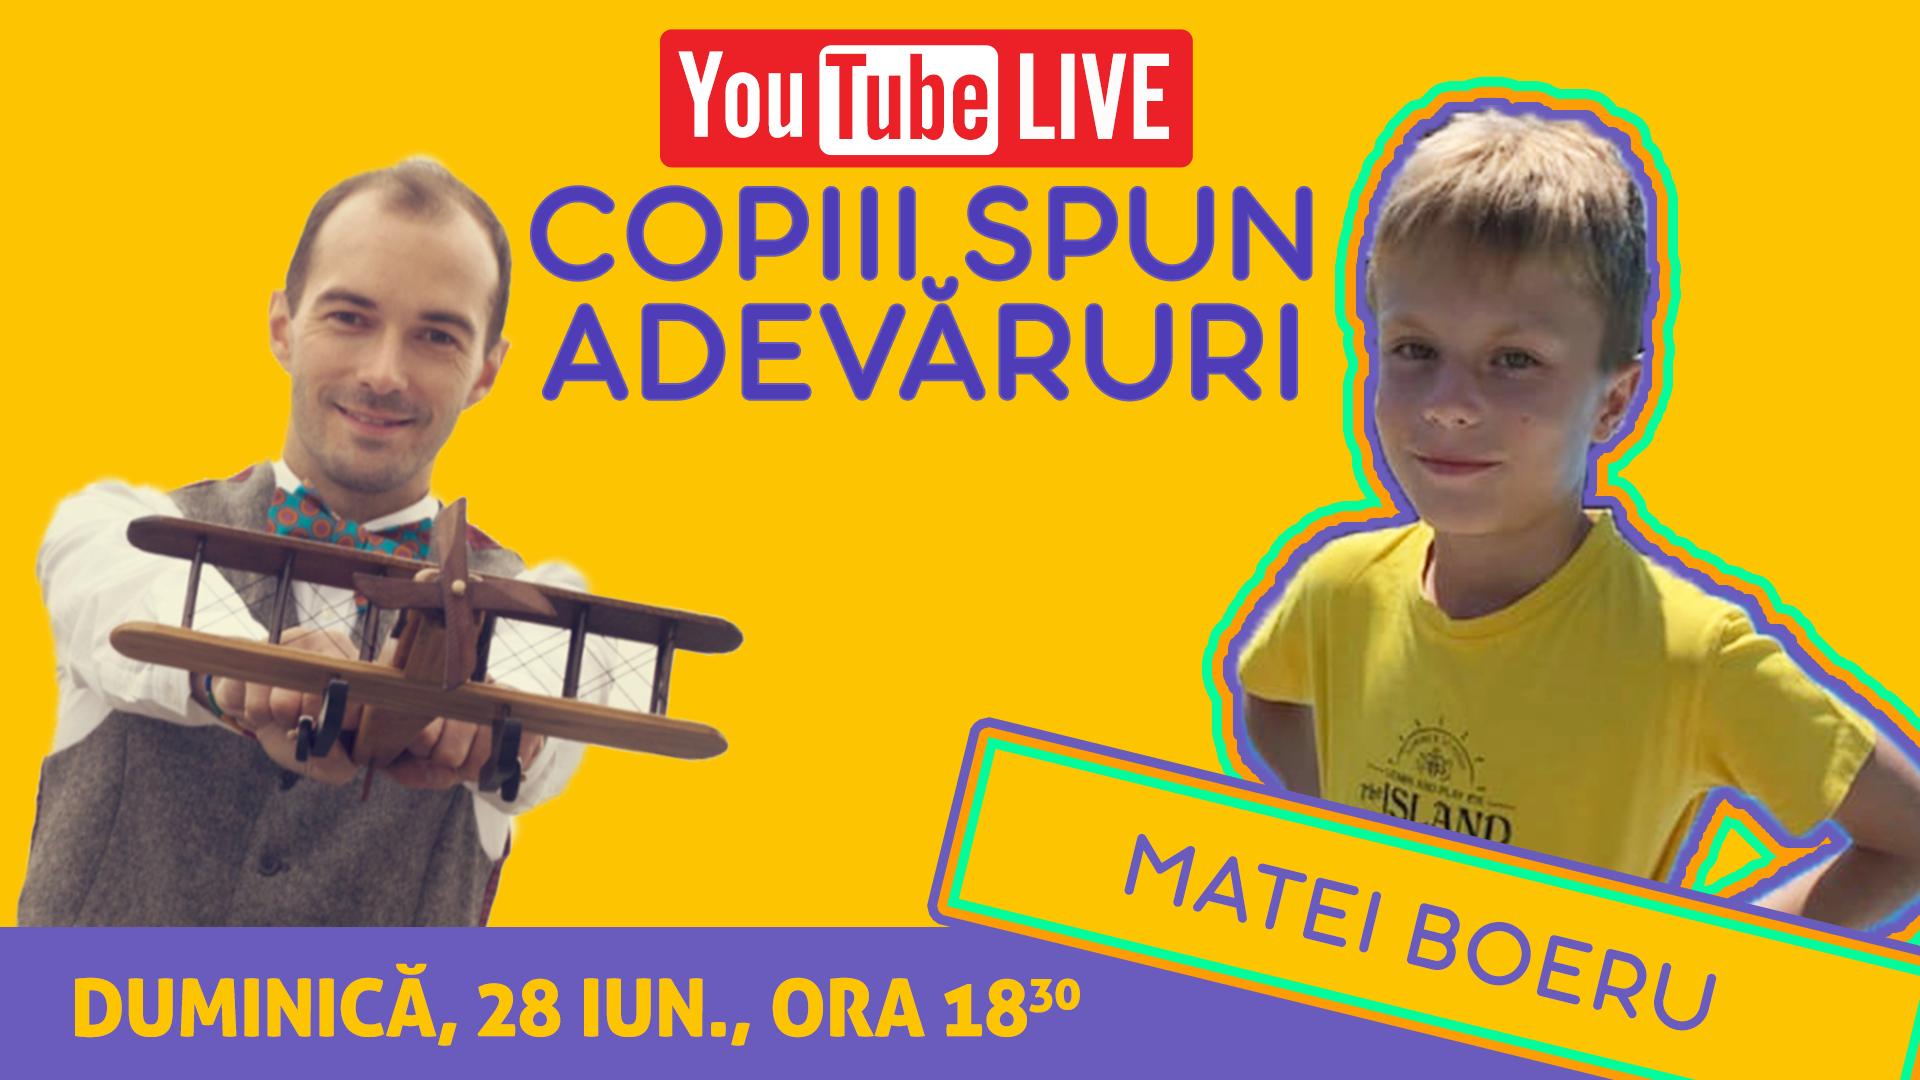 Copiii Spun Adevăruri | Invitat Matei Boeru | YouTube LIVE